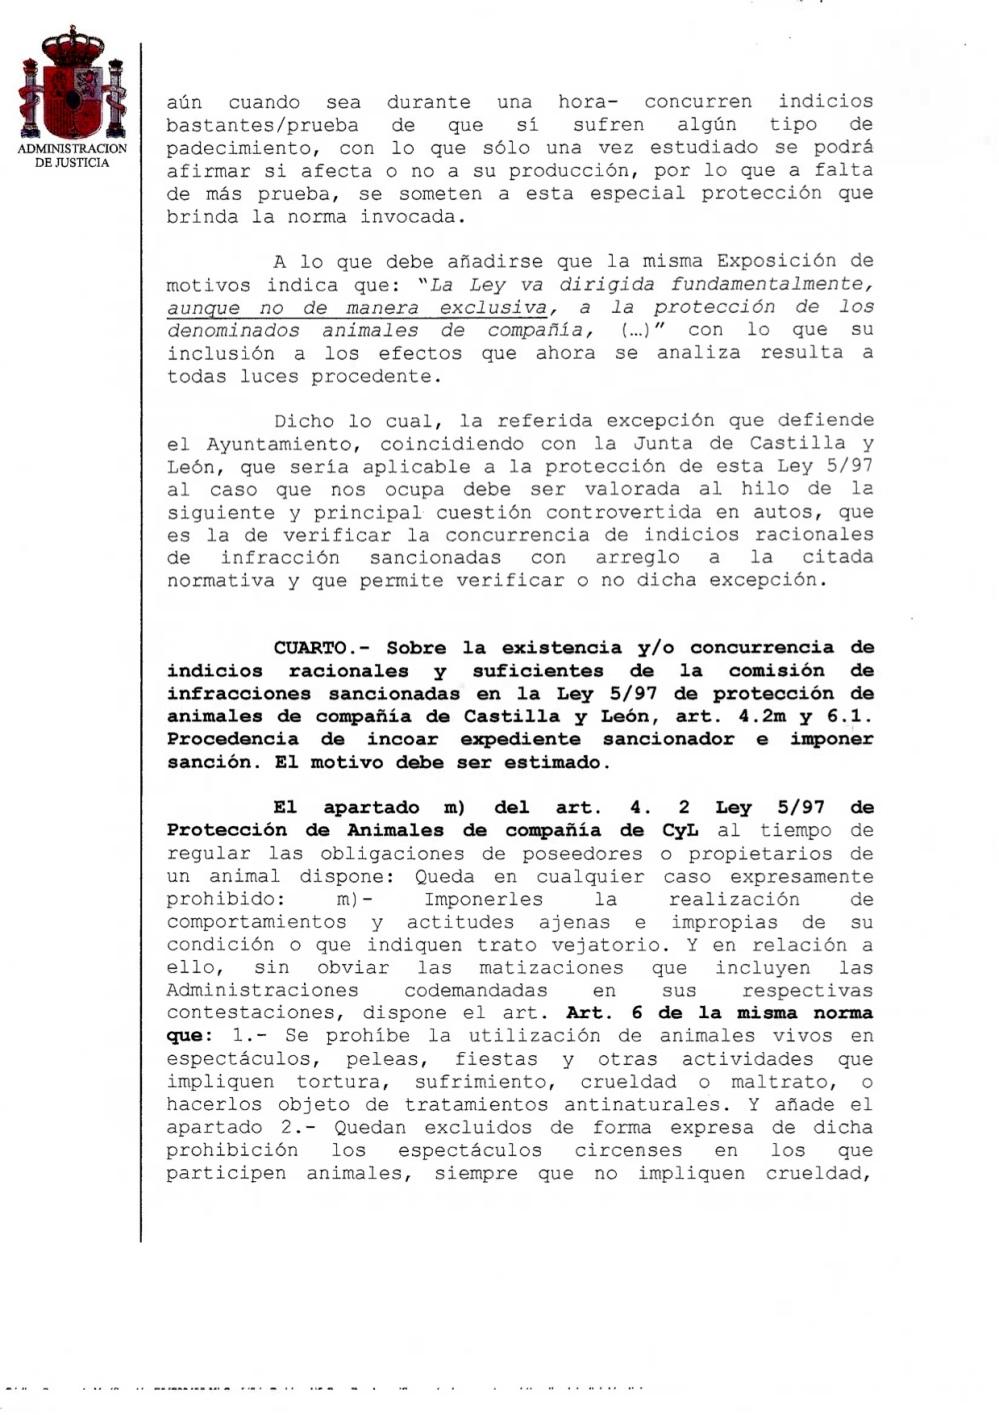 Sentencia 19-07-2017 6Escarrete (anon.)